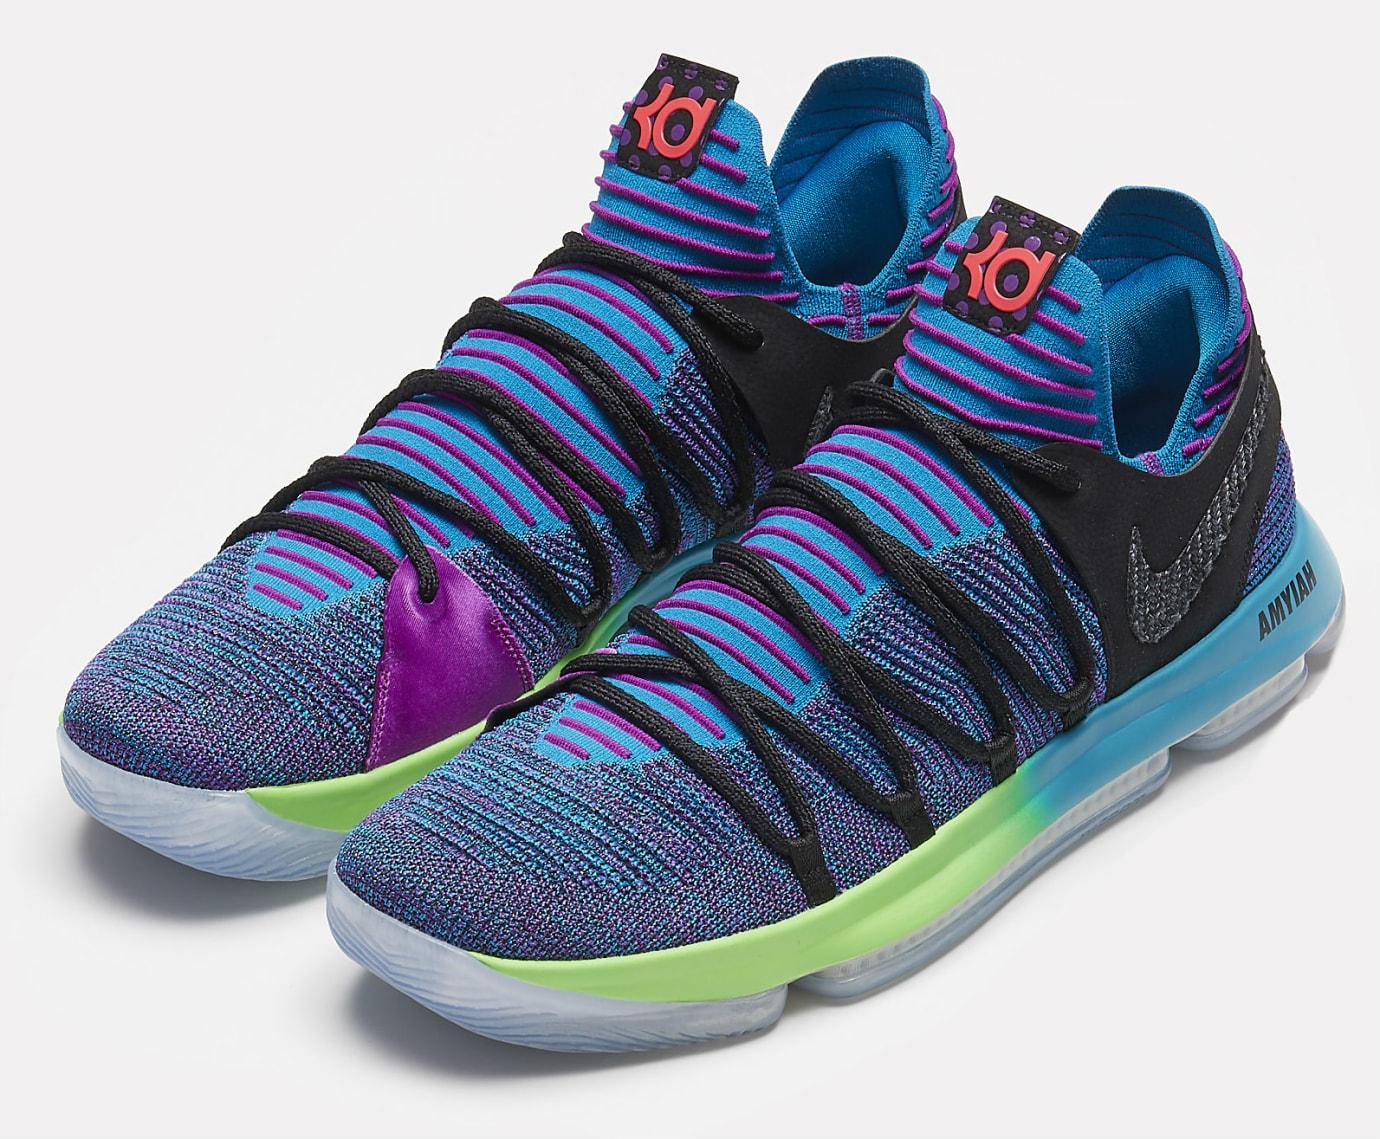 Nike KD 10 Doernbecher Sample Front